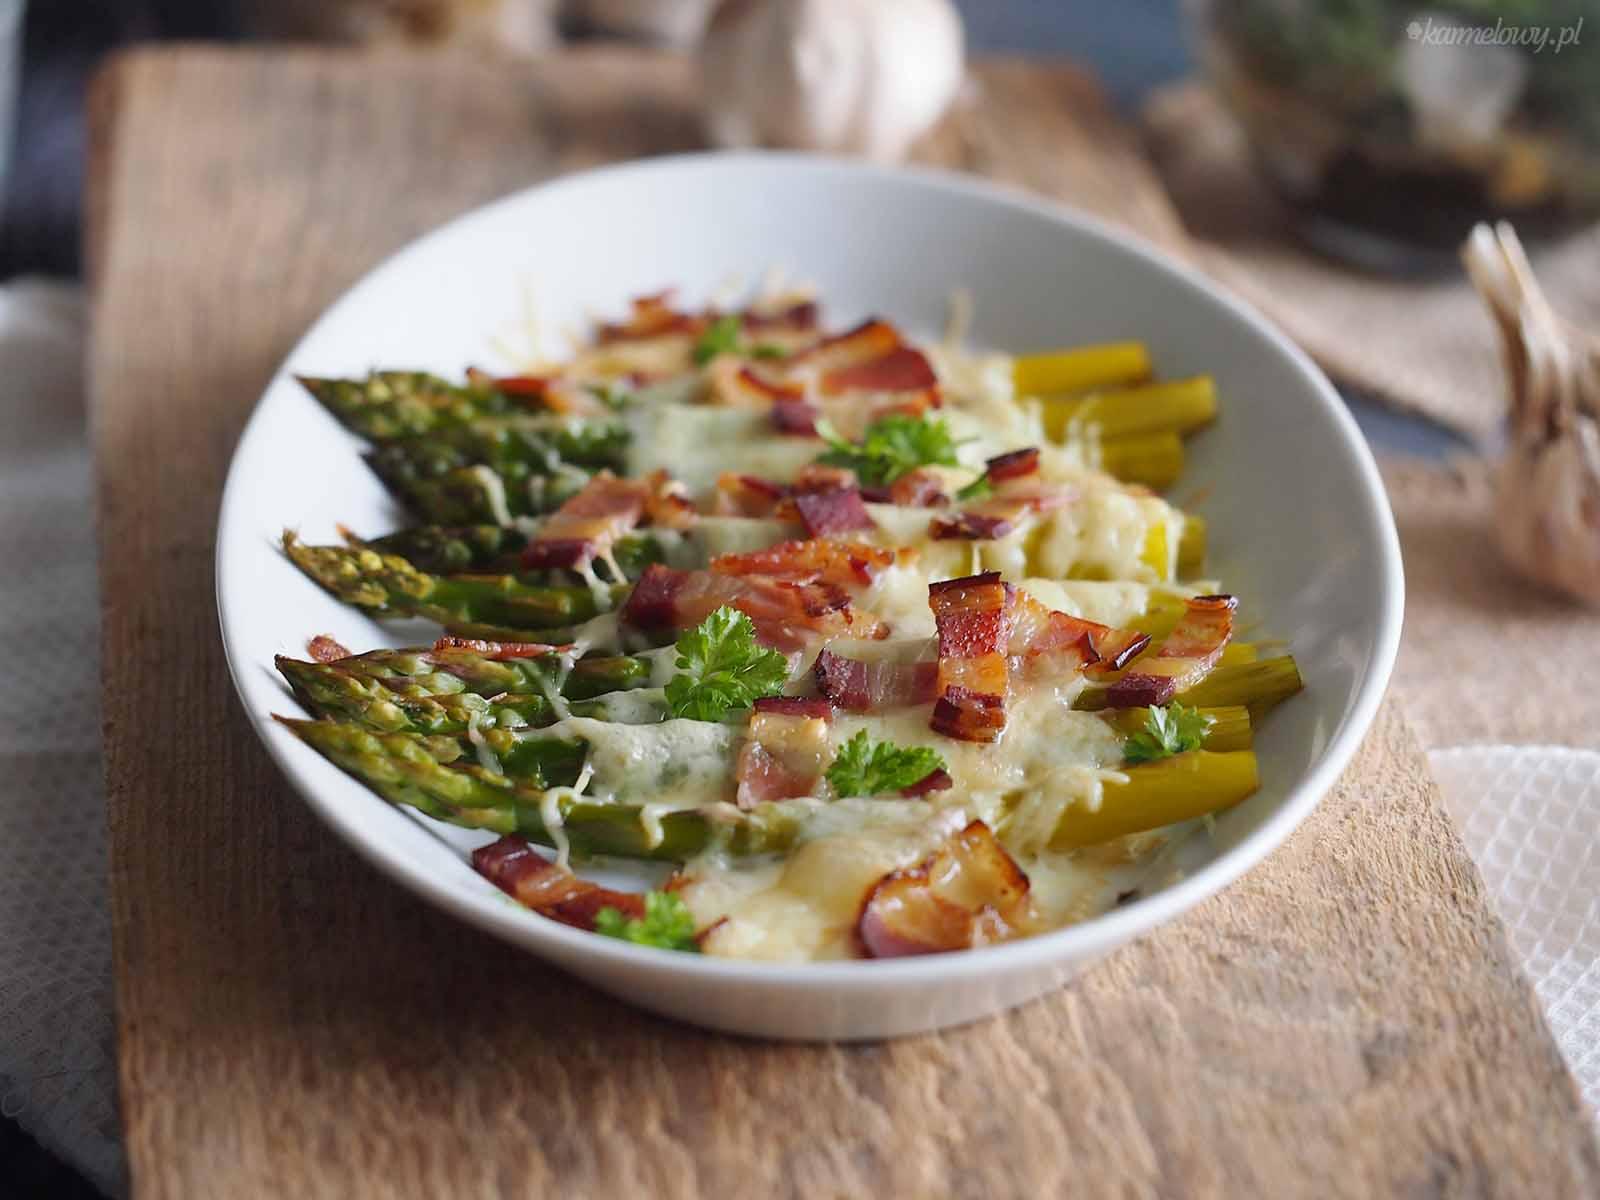 Szparagi-zapiekane-z-serem-i-boczkiem